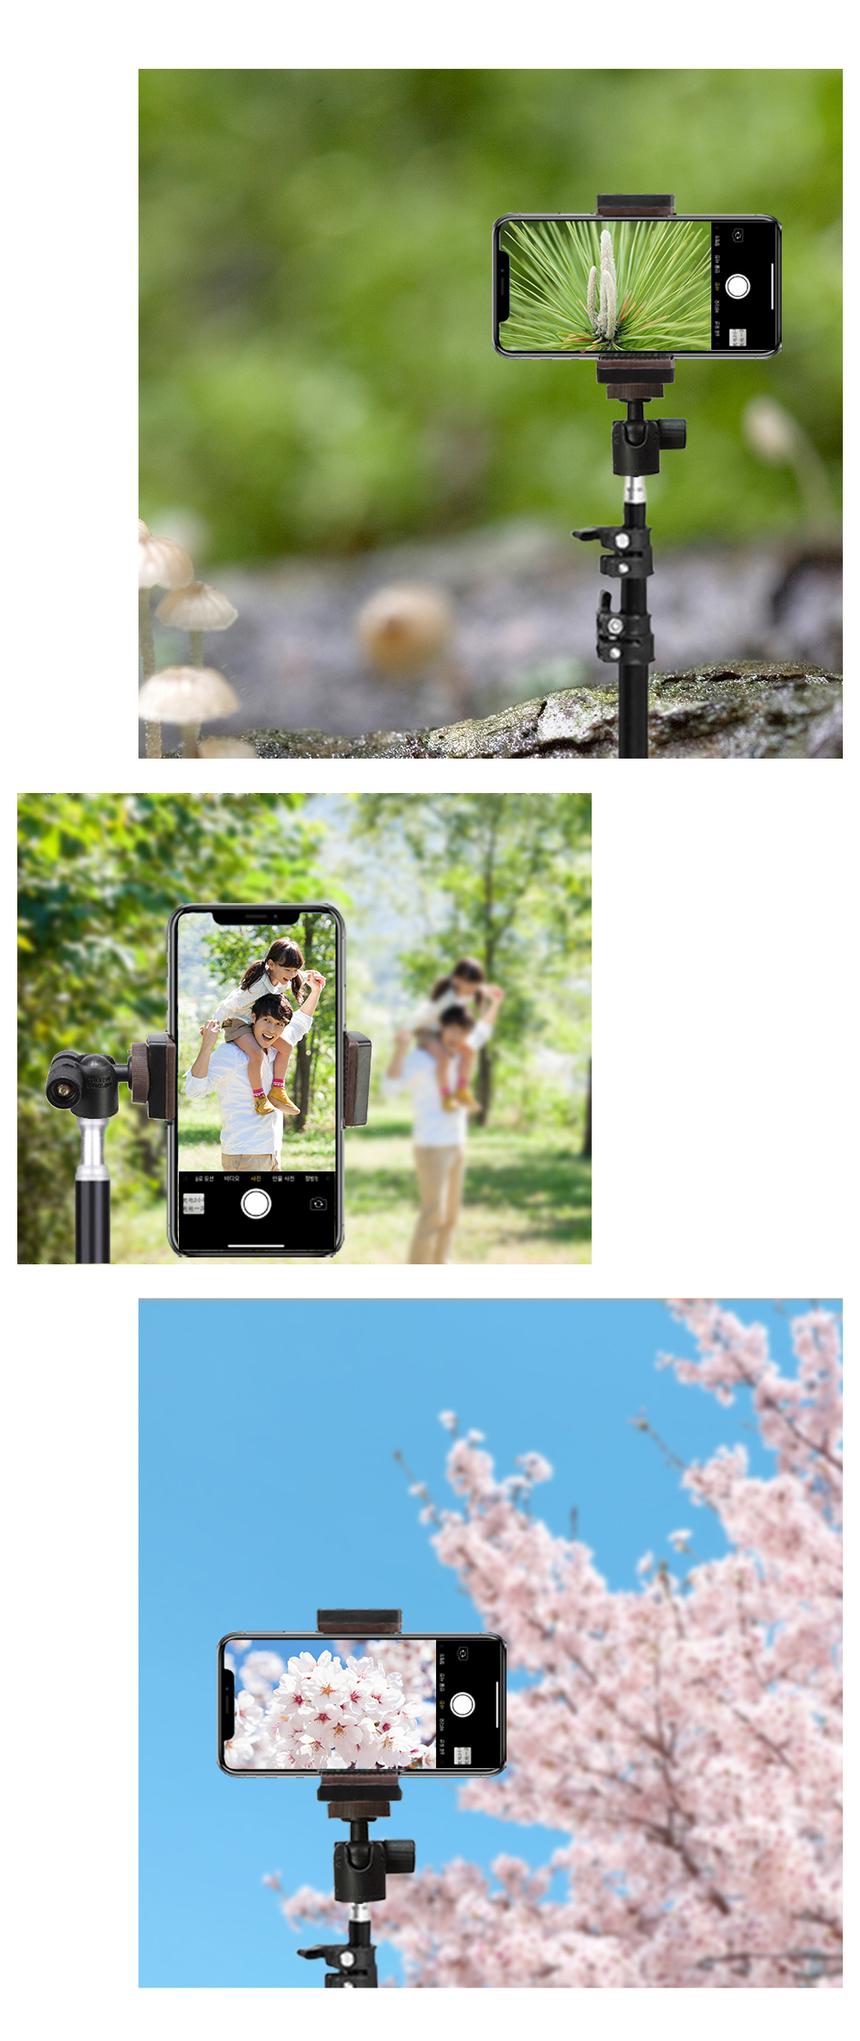 [배포용]170 삼각대22,900원-큐디스디지털, 셀피(Selfie) 용품, 셀피렌즈/봉/셀피ACC, 미니삼각대바보사랑[배포용]170 삼각대22,900원-큐디스디지털, 셀피(Selfie) 용품, 셀피렌즈/봉/셀피ACC, 미니삼각대바보사랑